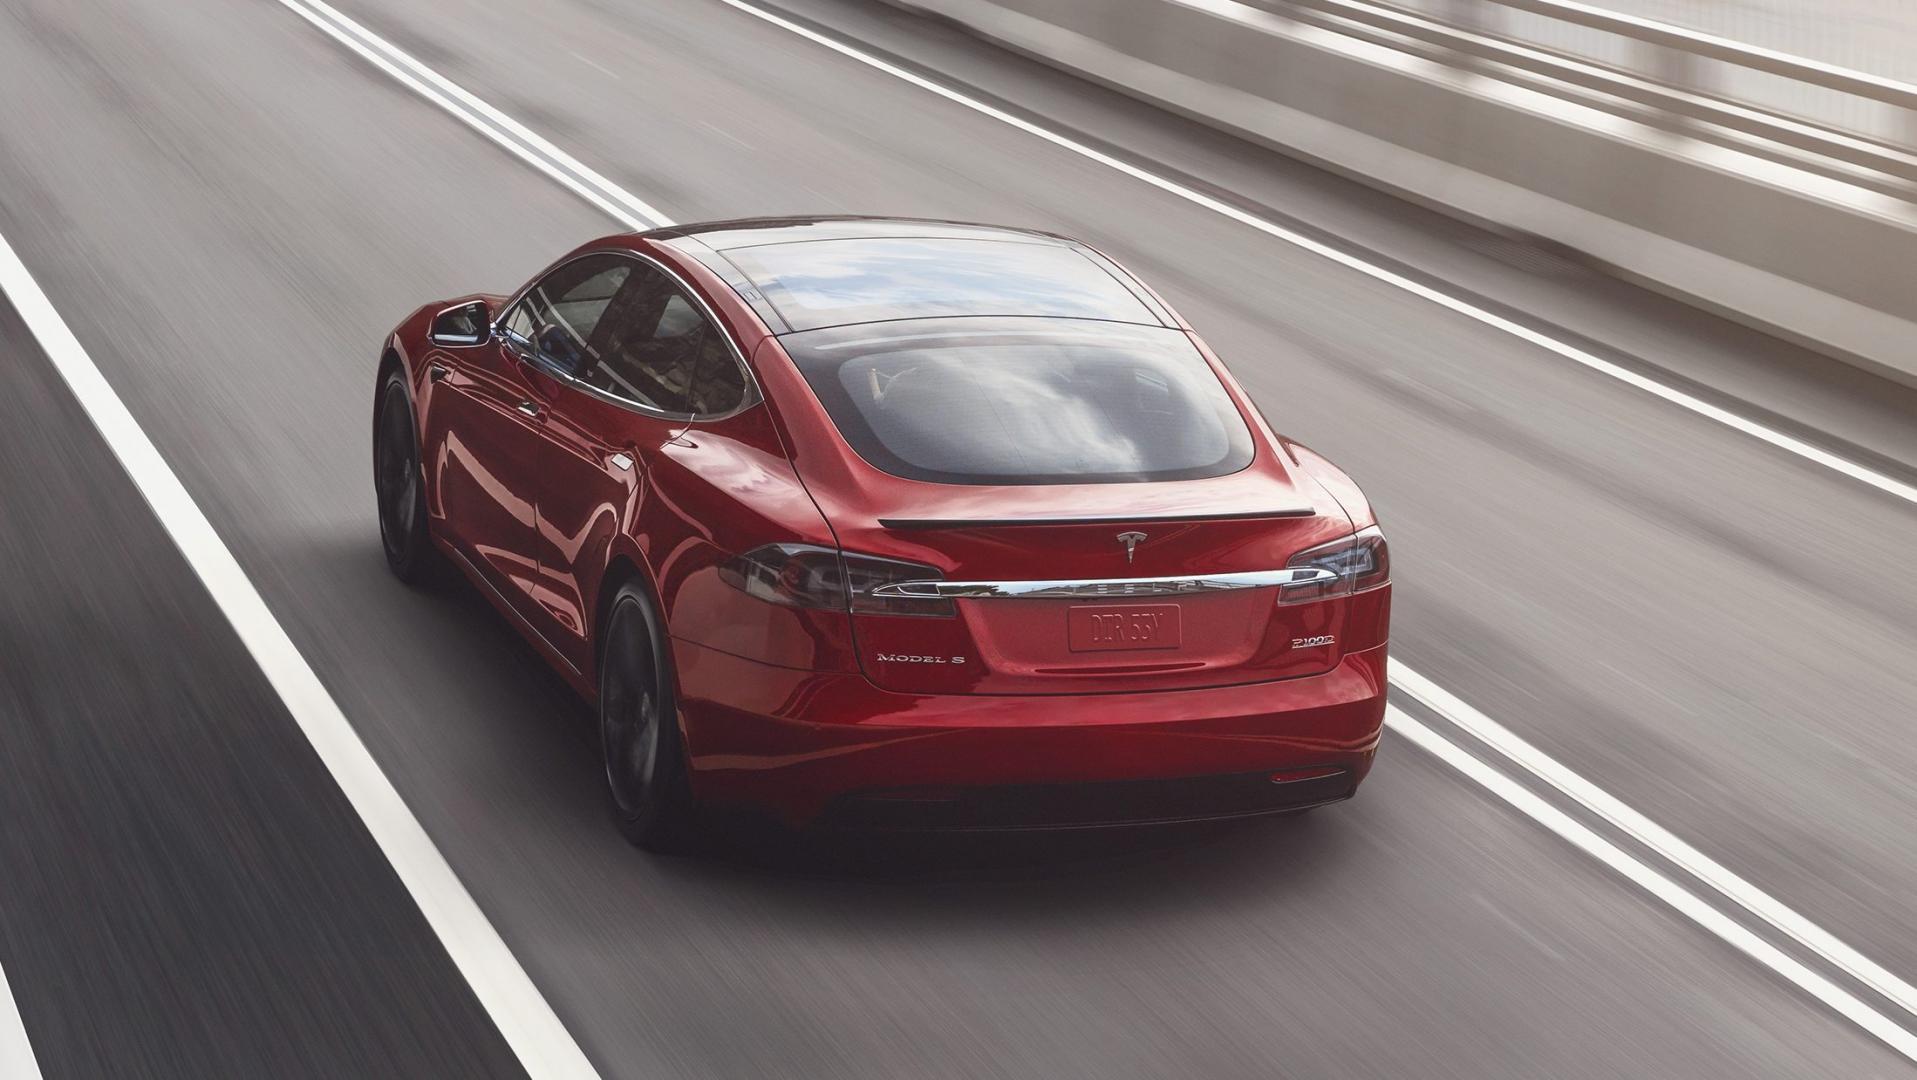 Tesla Model S Long Range detail rijder 3 4 achter